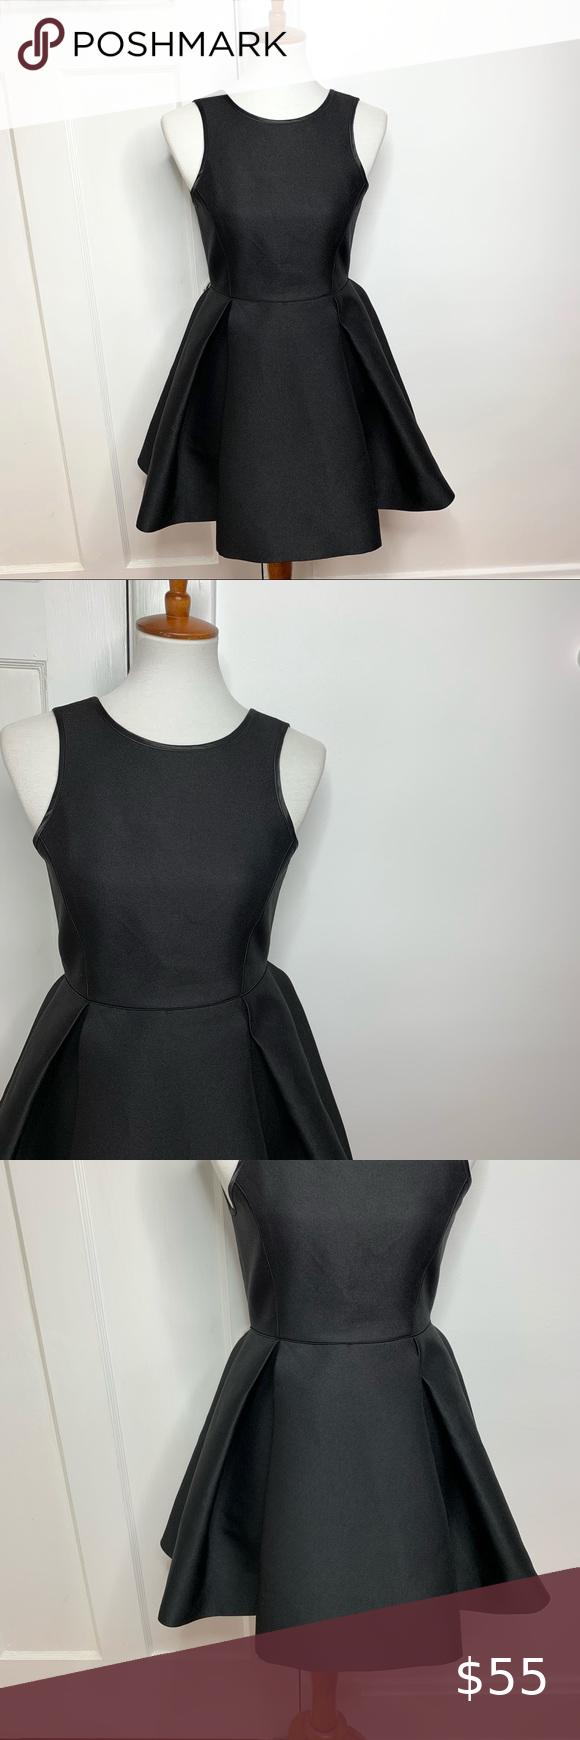 Asm Structured Fit Flare Little Black Dress Little Black Dress Black Dress Dresses [ 1740 x 580 Pixel ]